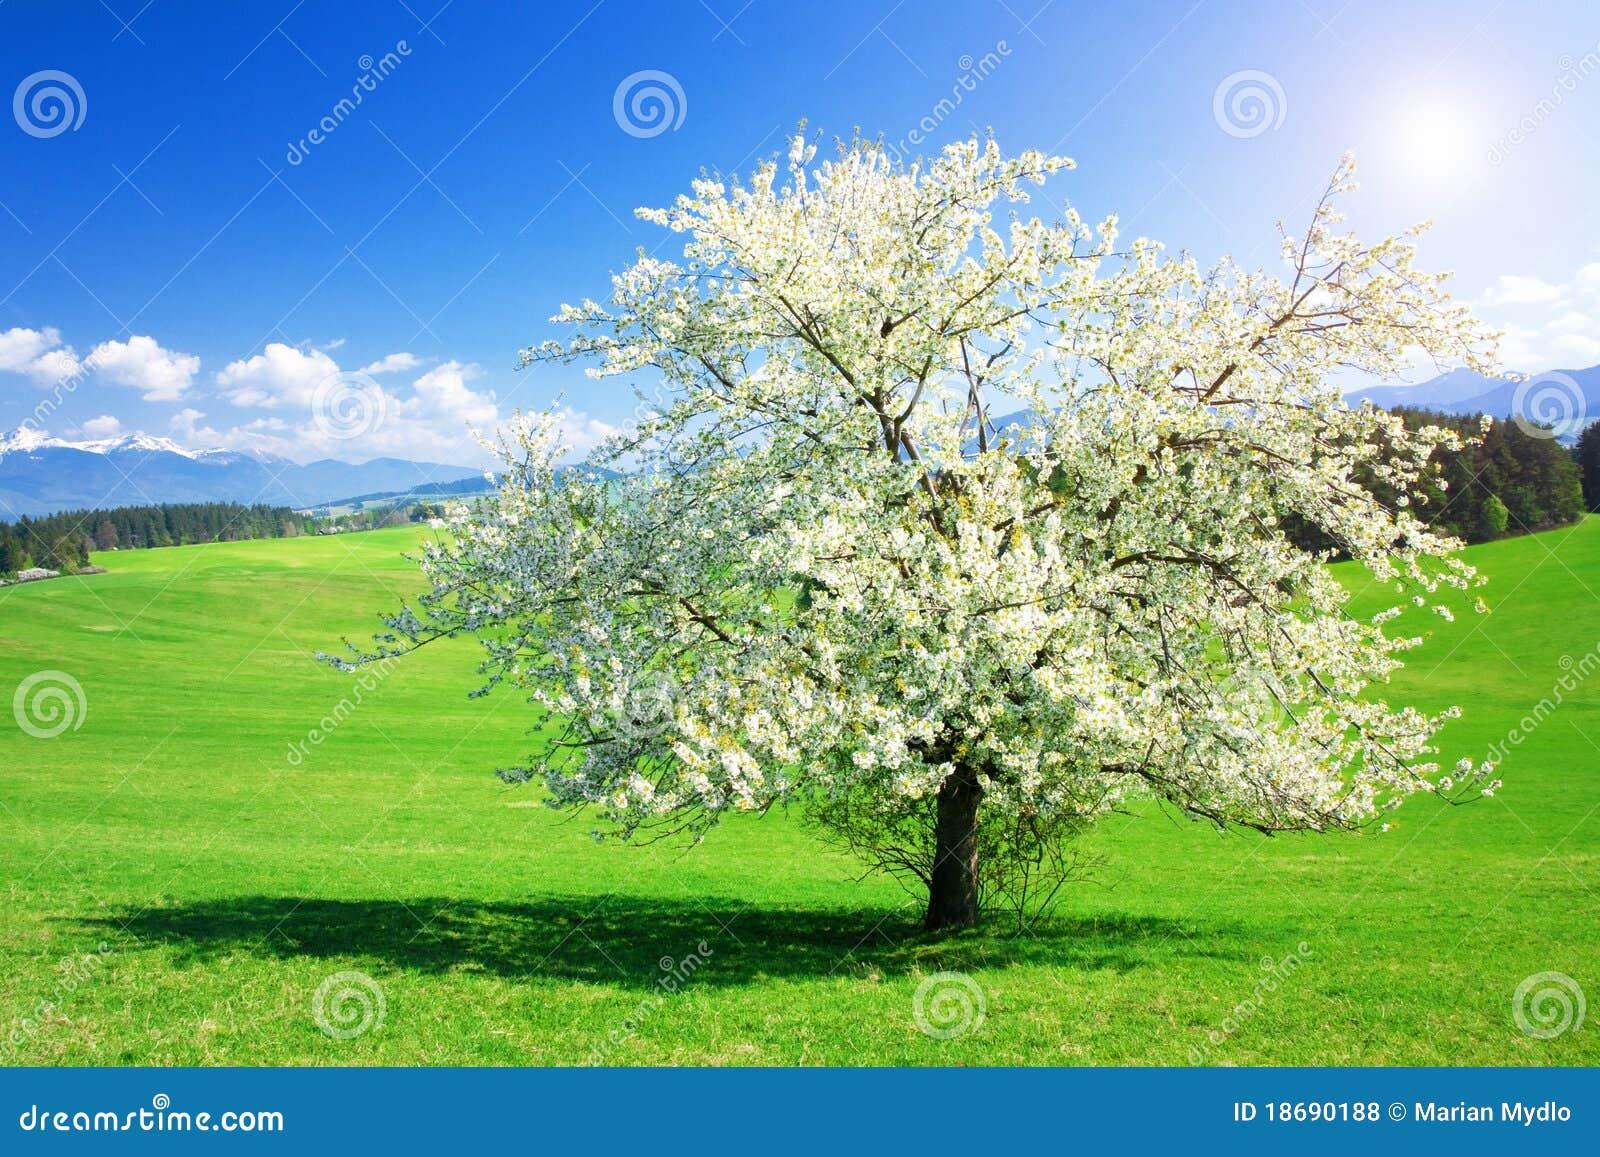 arbre au printemps photo stock image du sc ne environnement 18690188. Black Bedroom Furniture Sets. Home Design Ideas